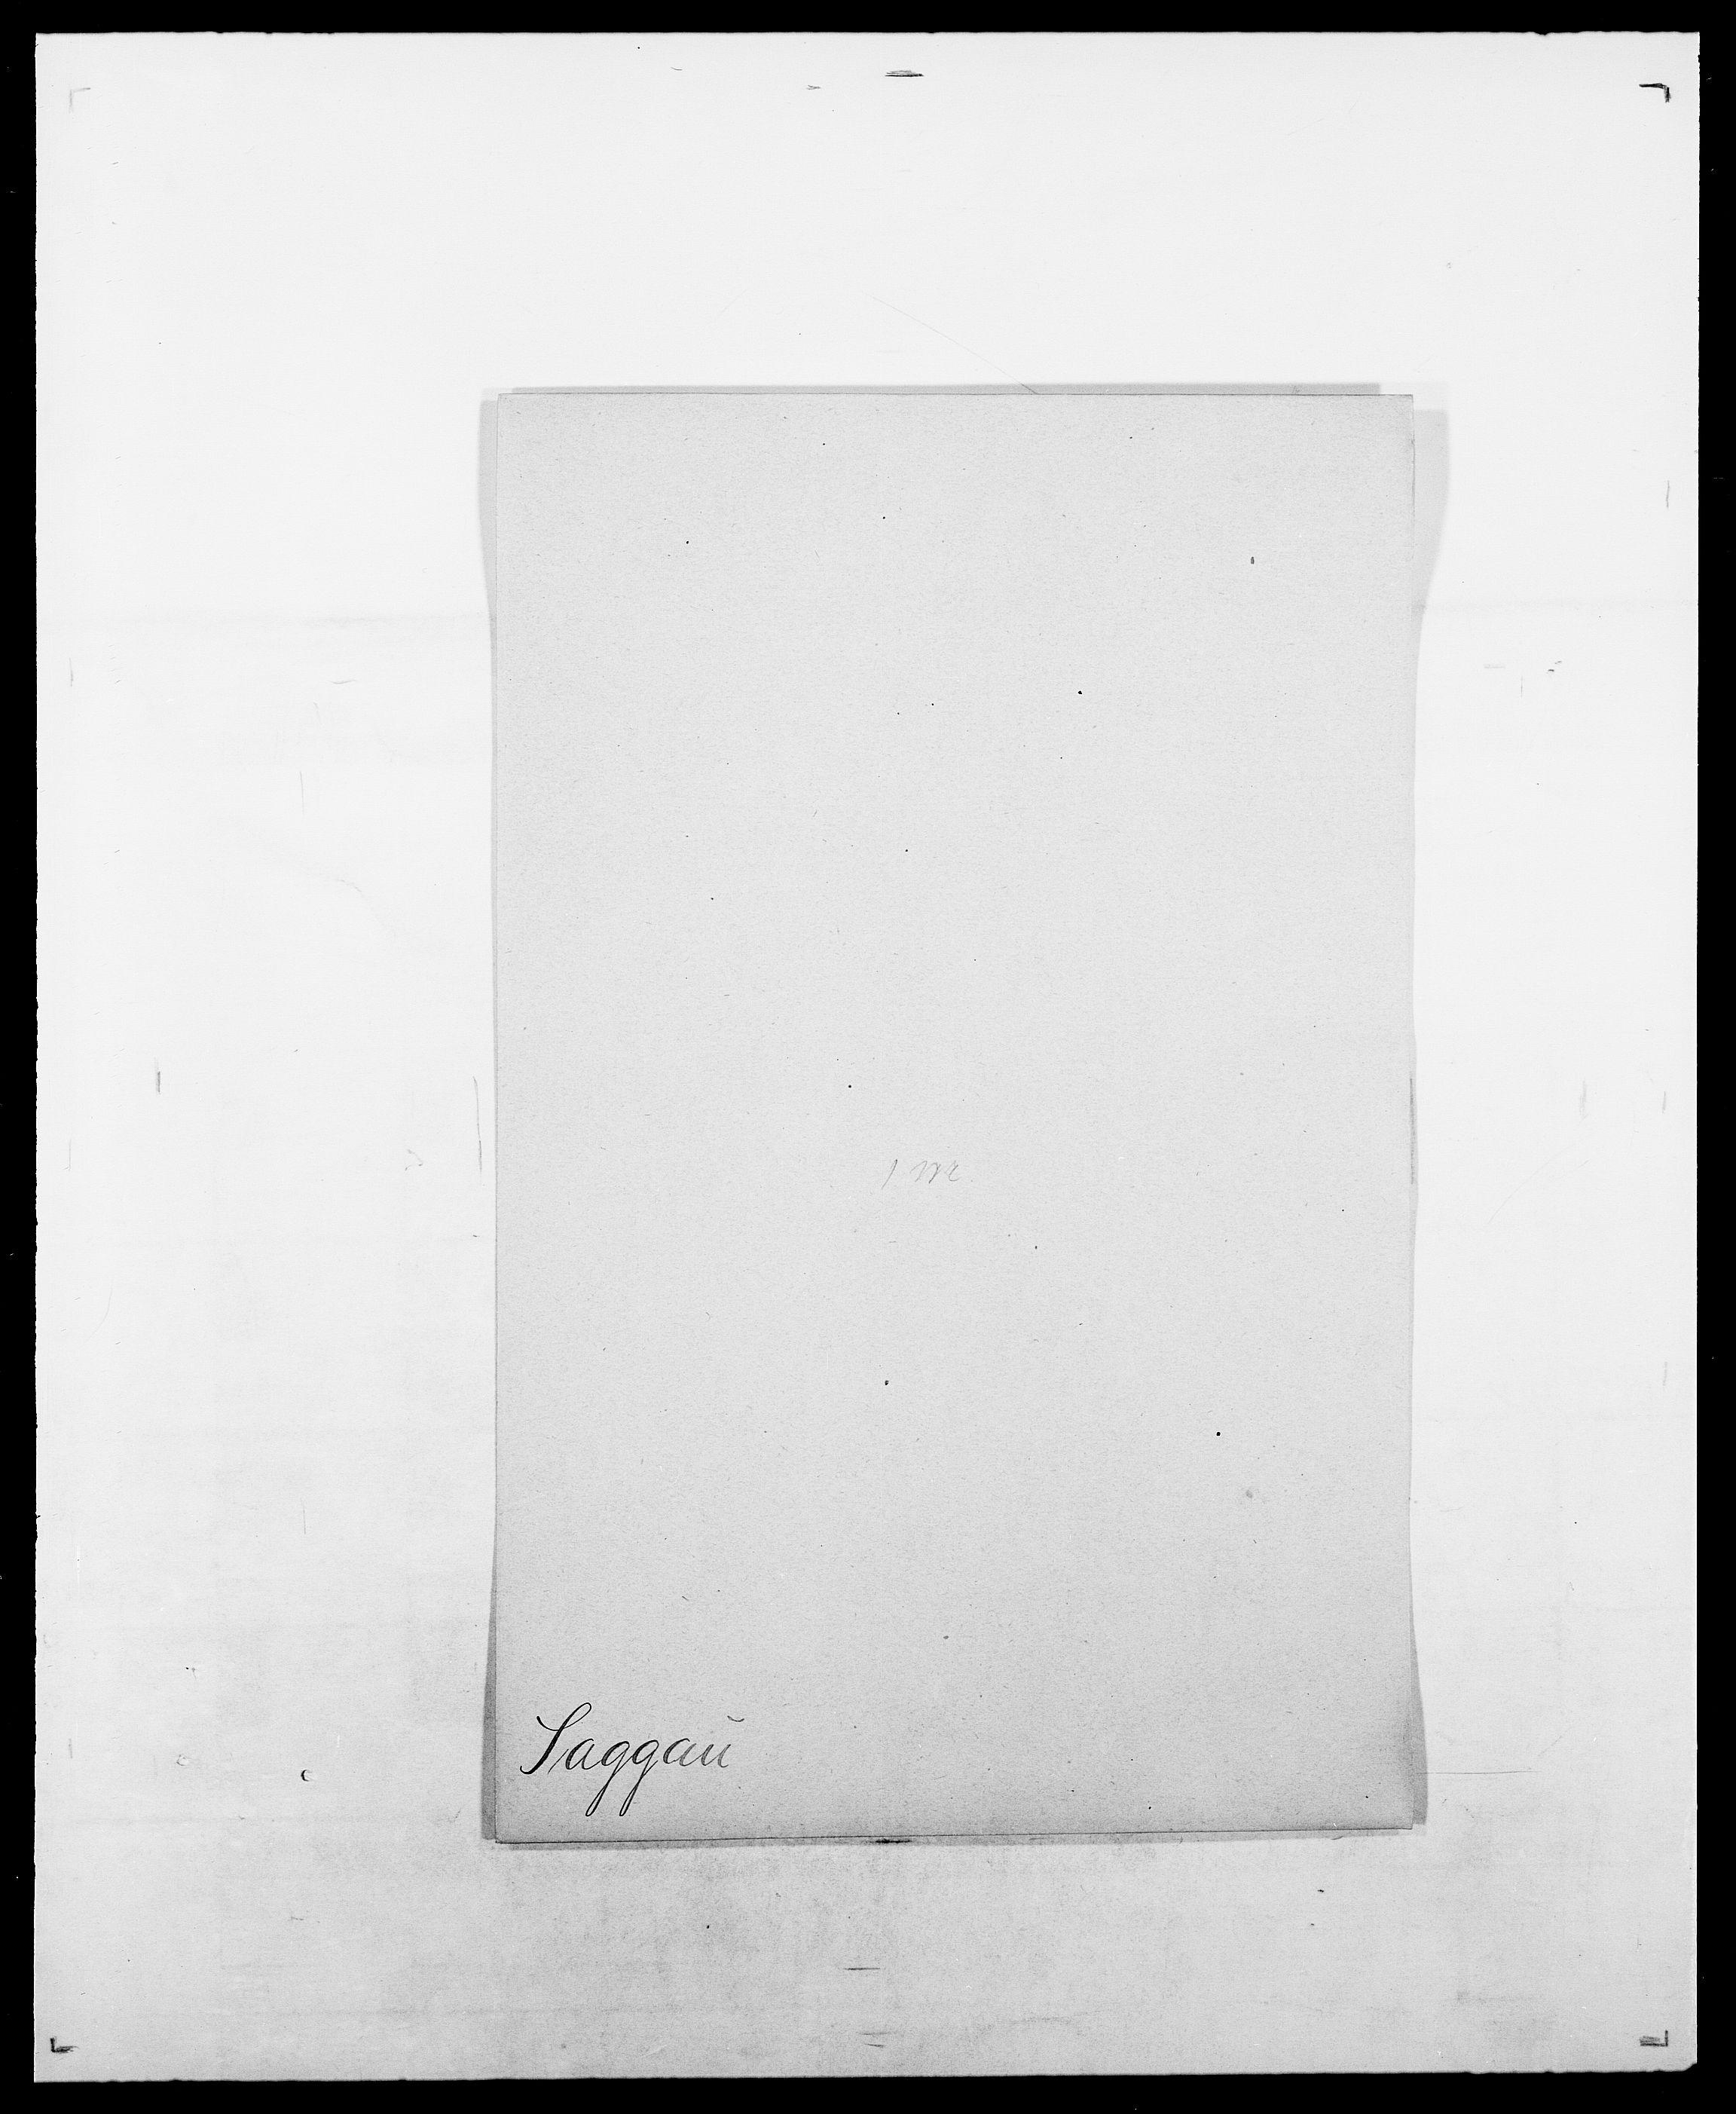 SAO, Delgobe, Charles Antoine - samling, D/Da/L0034: Saabye - Schmincke, s. 37